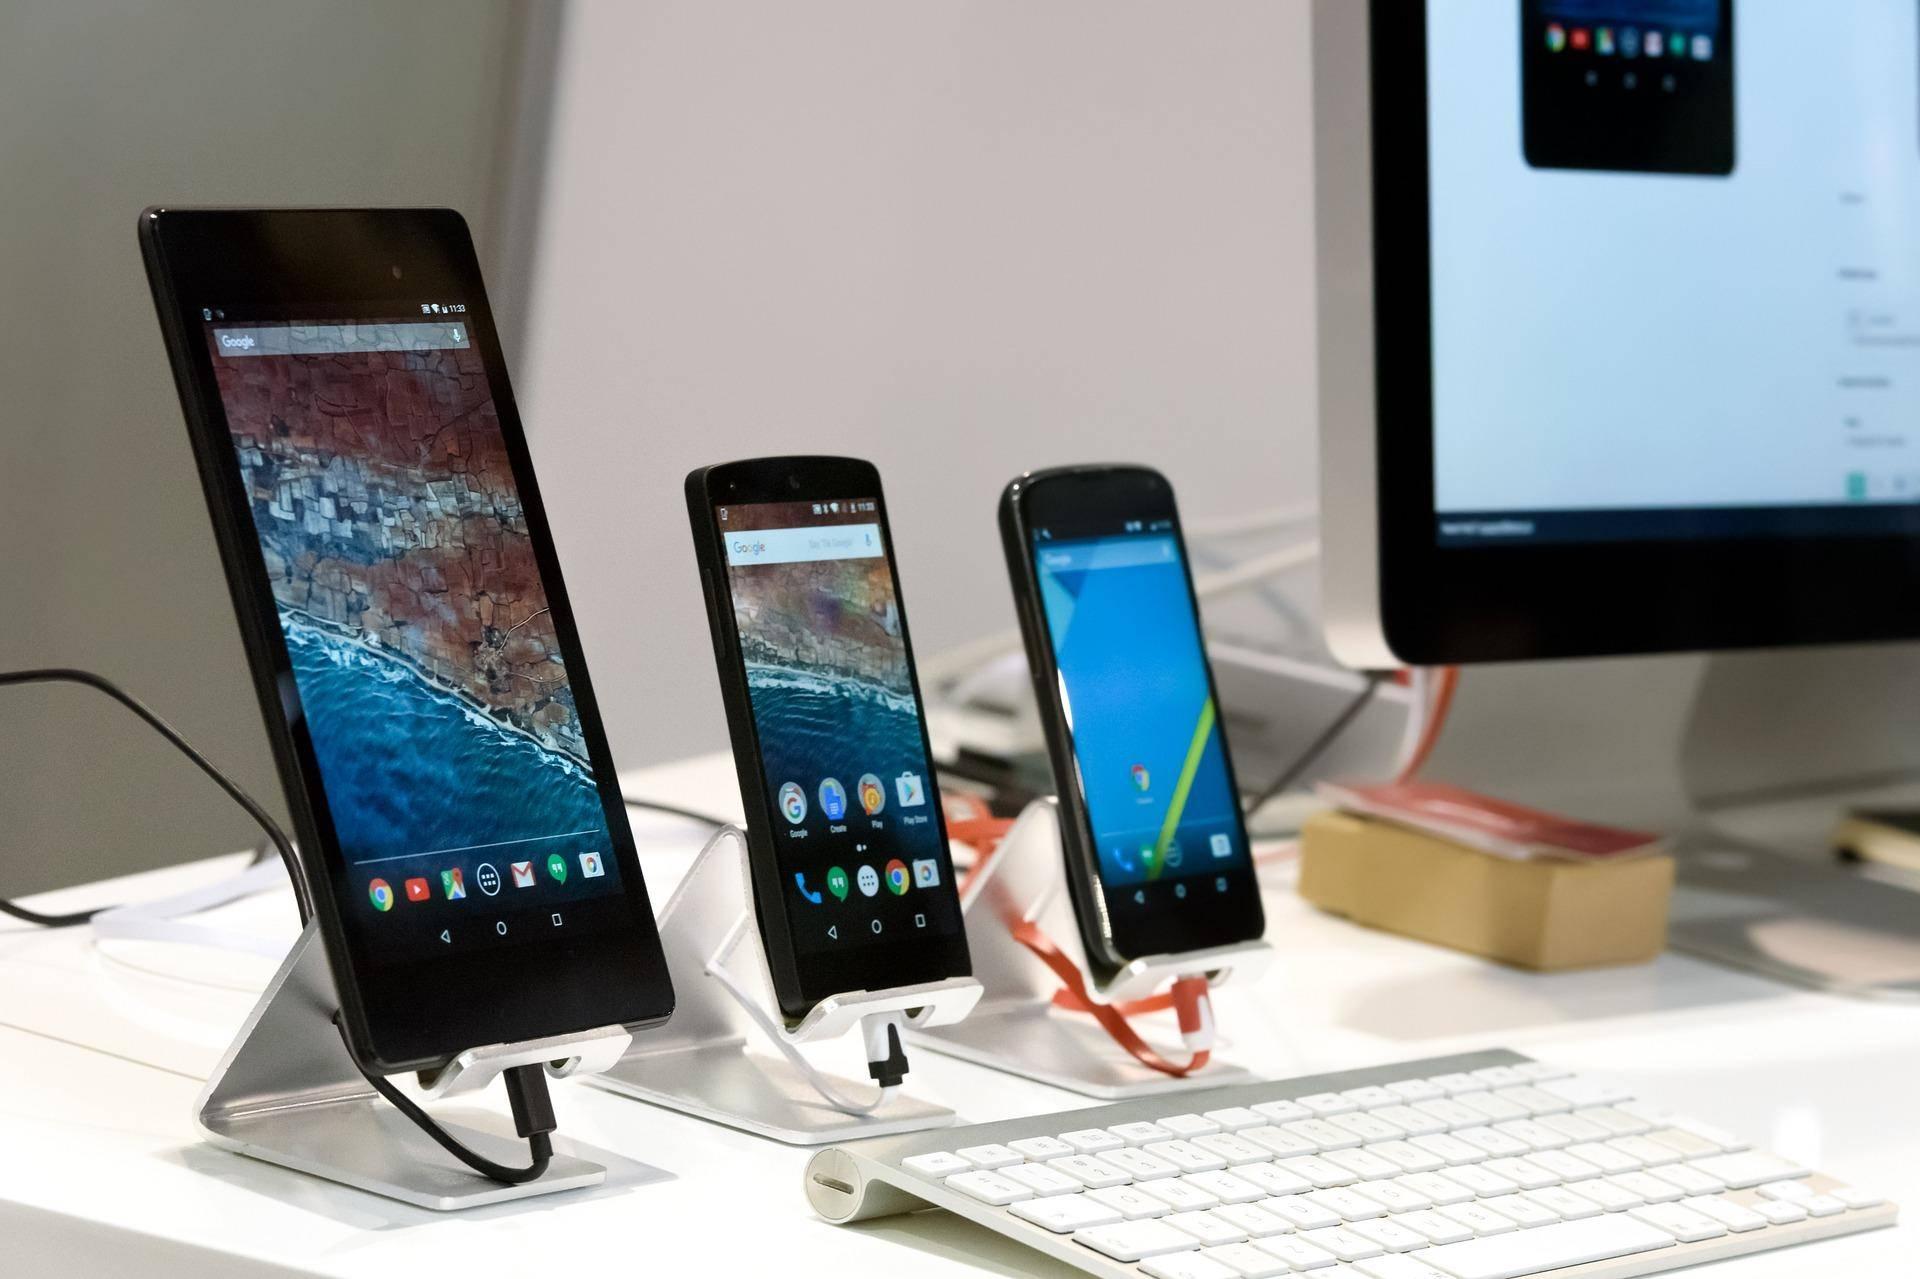 洛克王国无牙恶魔_安卓7.1的用户该换手机了!明年或将不能访问大量网站